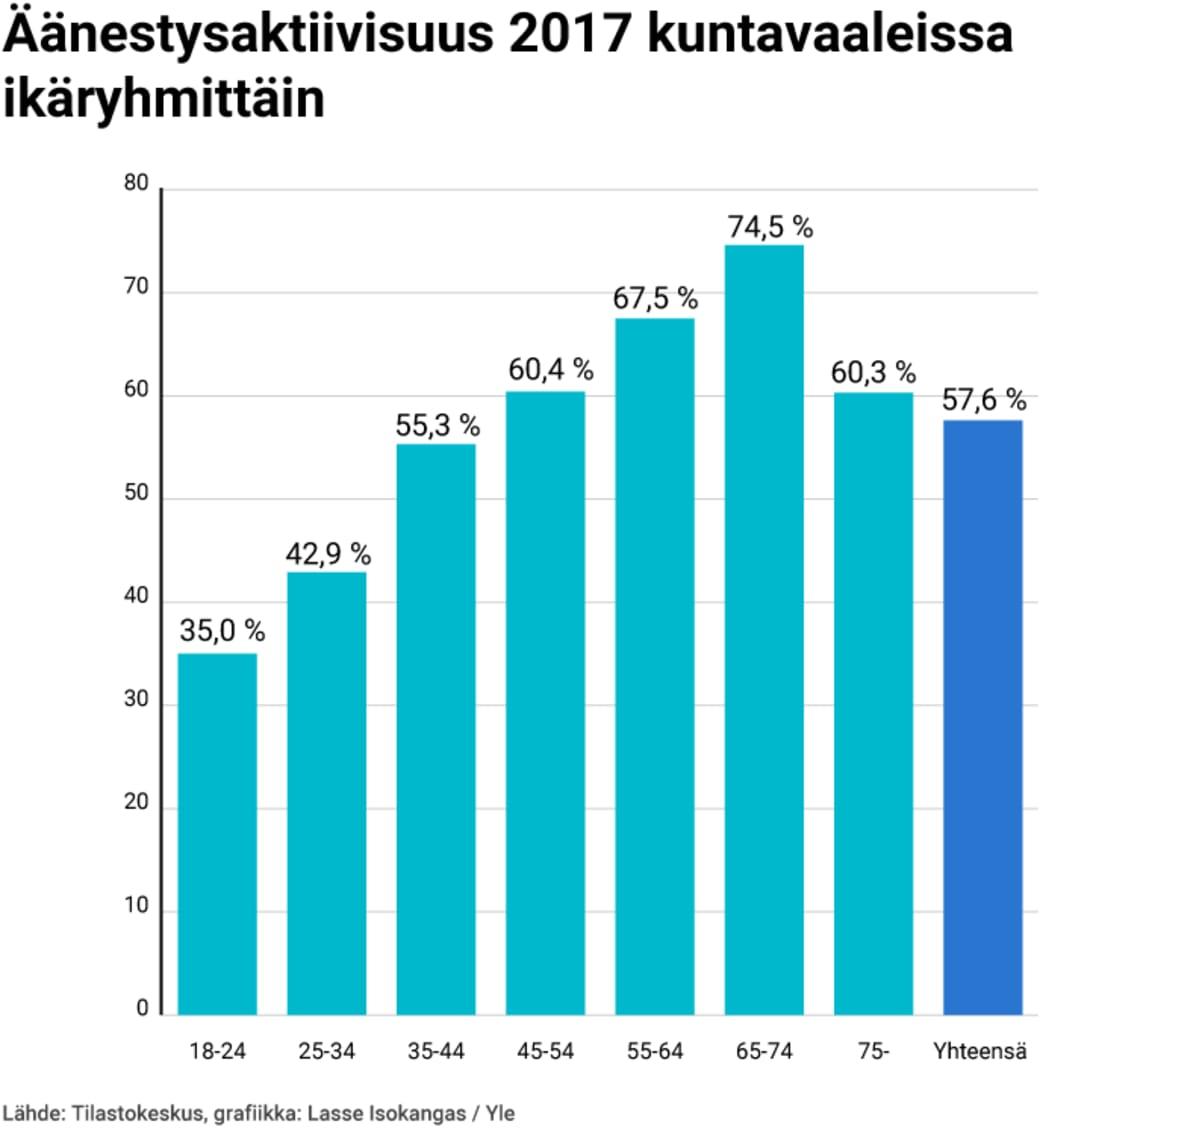 Äänestysaktiivisuus 2017 kuntavaaleissa ikäryhmittäin grafiikkana